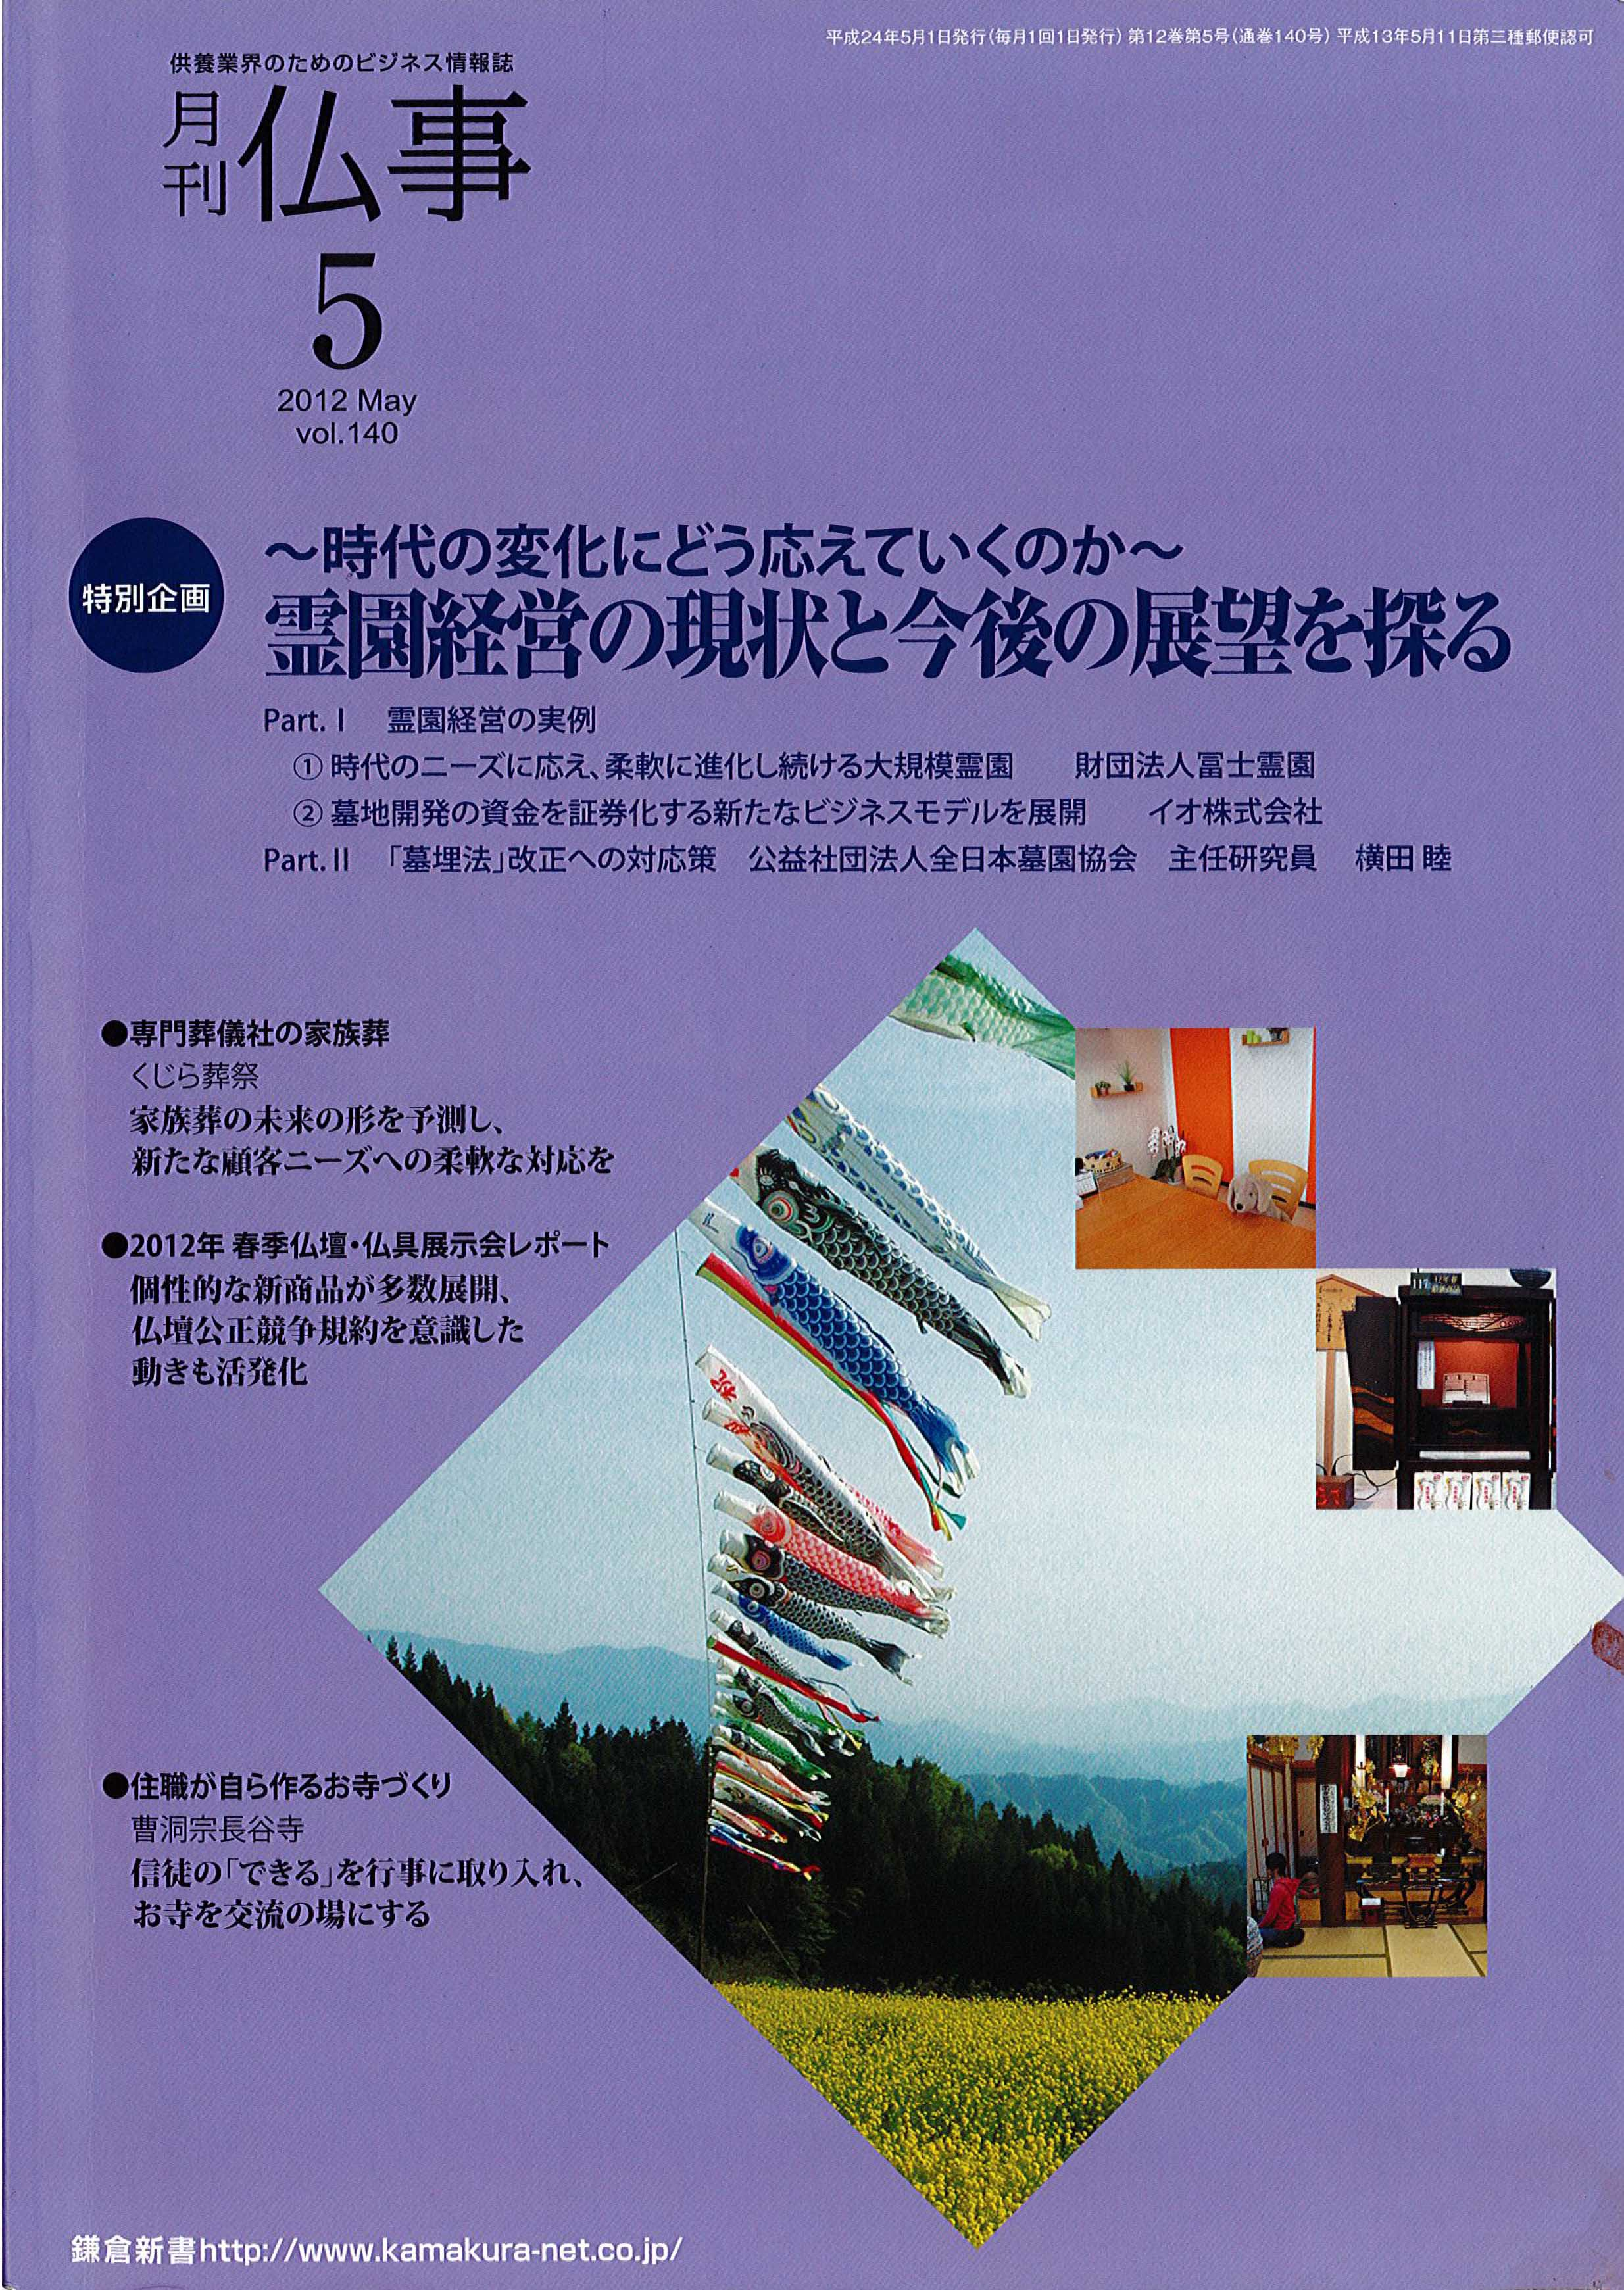 月刊仏事2012年5月号掲載